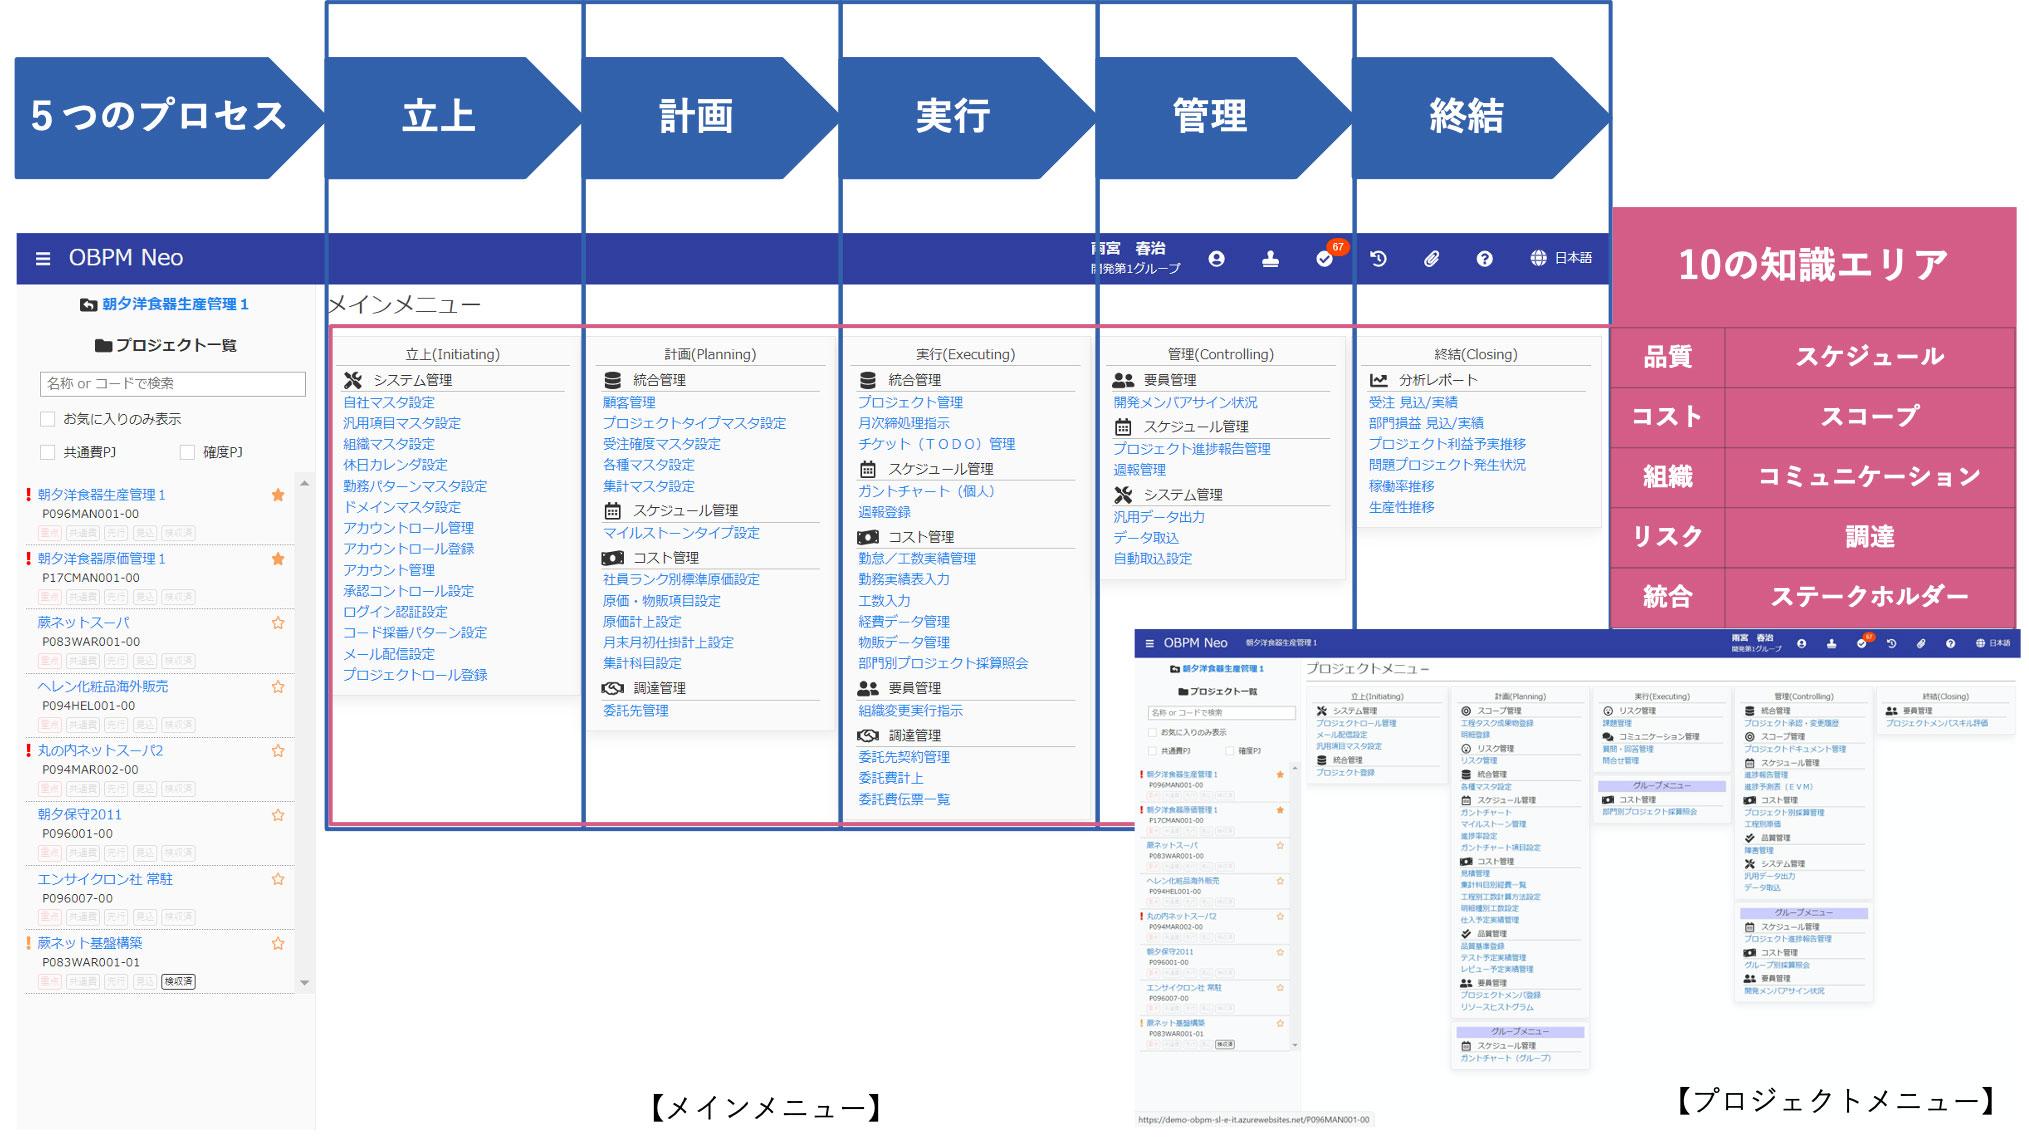 PMBOKに則したプロジェクトライフサイクルを実現